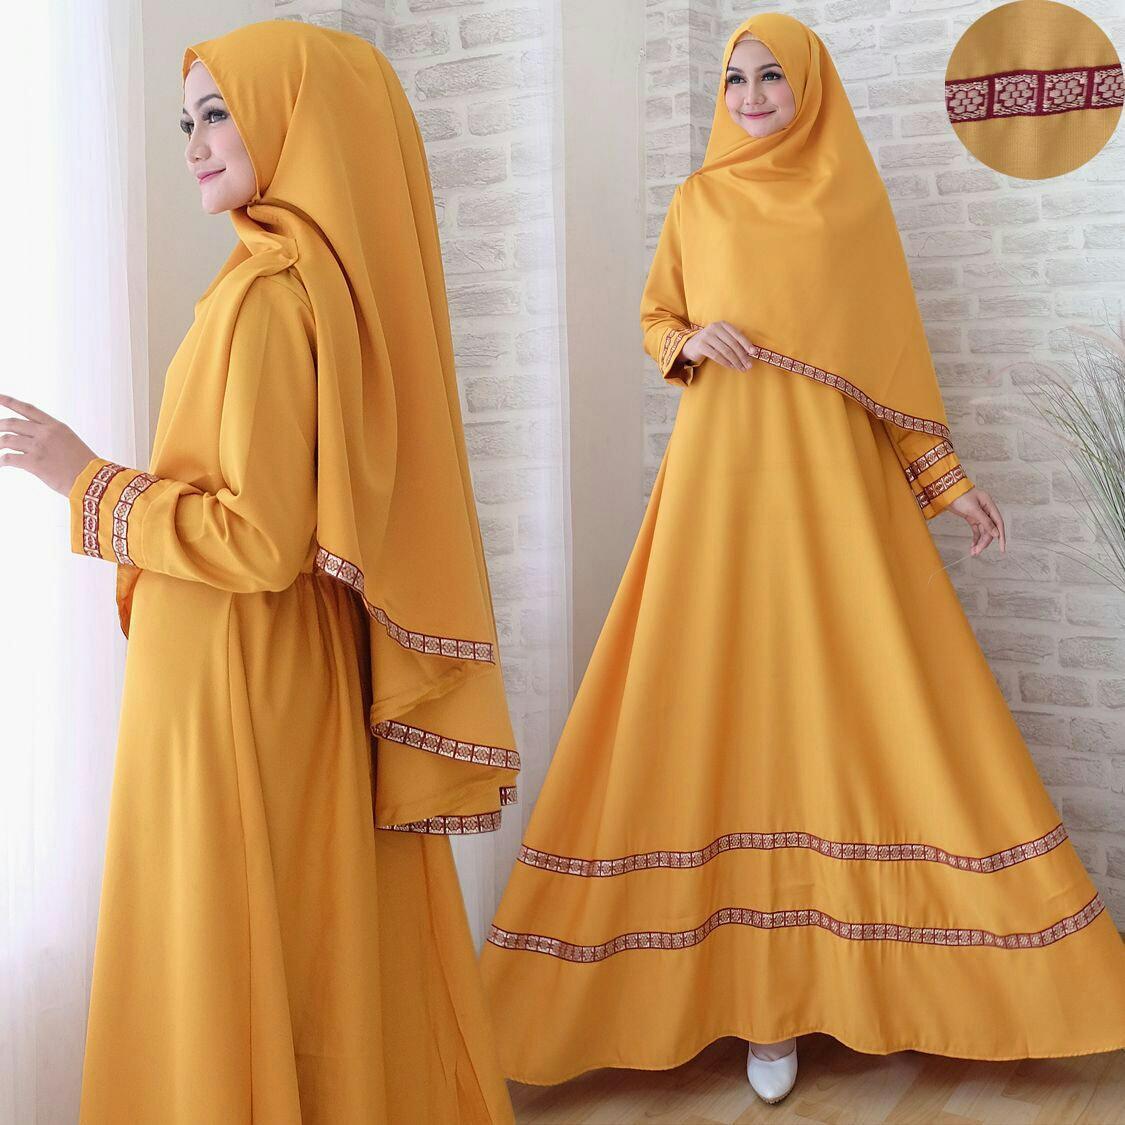 Snowshop Gamis Syari 2in1 Hayra ( Dapat JIlbab ) - Full Balotely Kombinasi Pita Songket / Maxi Muslim / Baju Muslim / Stelan Muslim / Dress Muslim / Gaun / Pasmina / Fashion Muslim / Balotelly